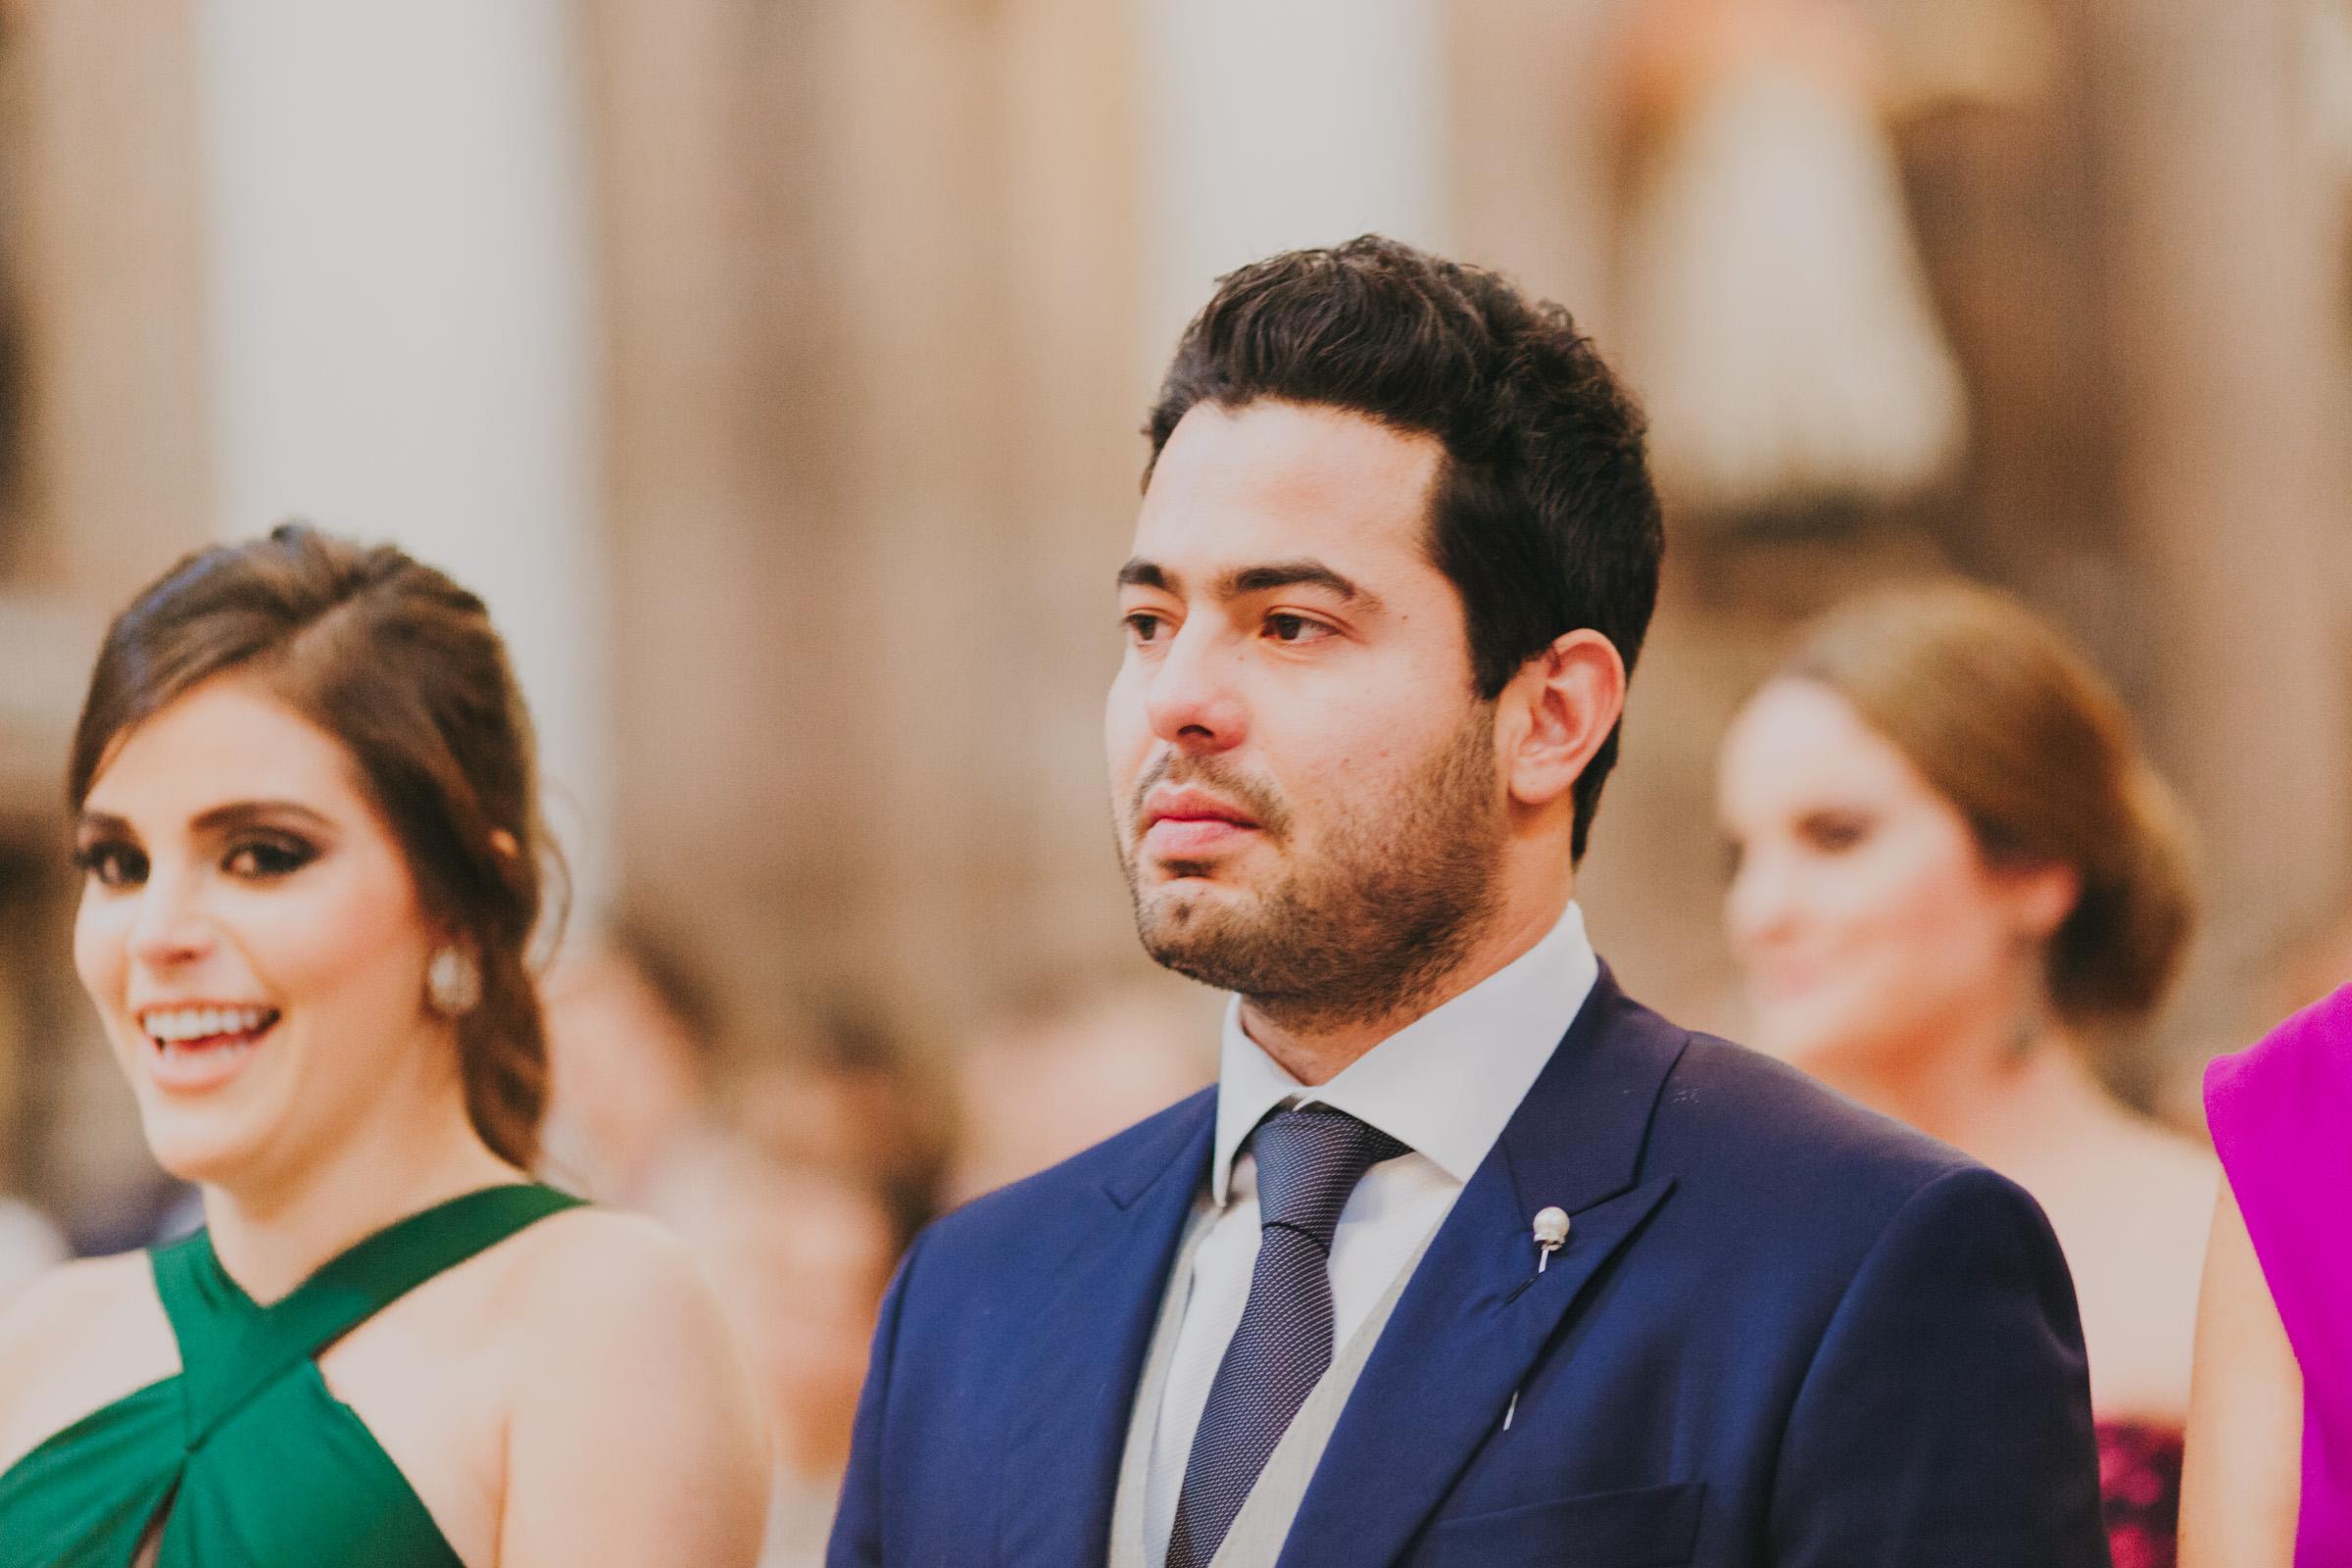 San-Miguel-de-Allende-Mexico-Wedding-Photographer-Rancho-Las-Sabinas-0112.JPG